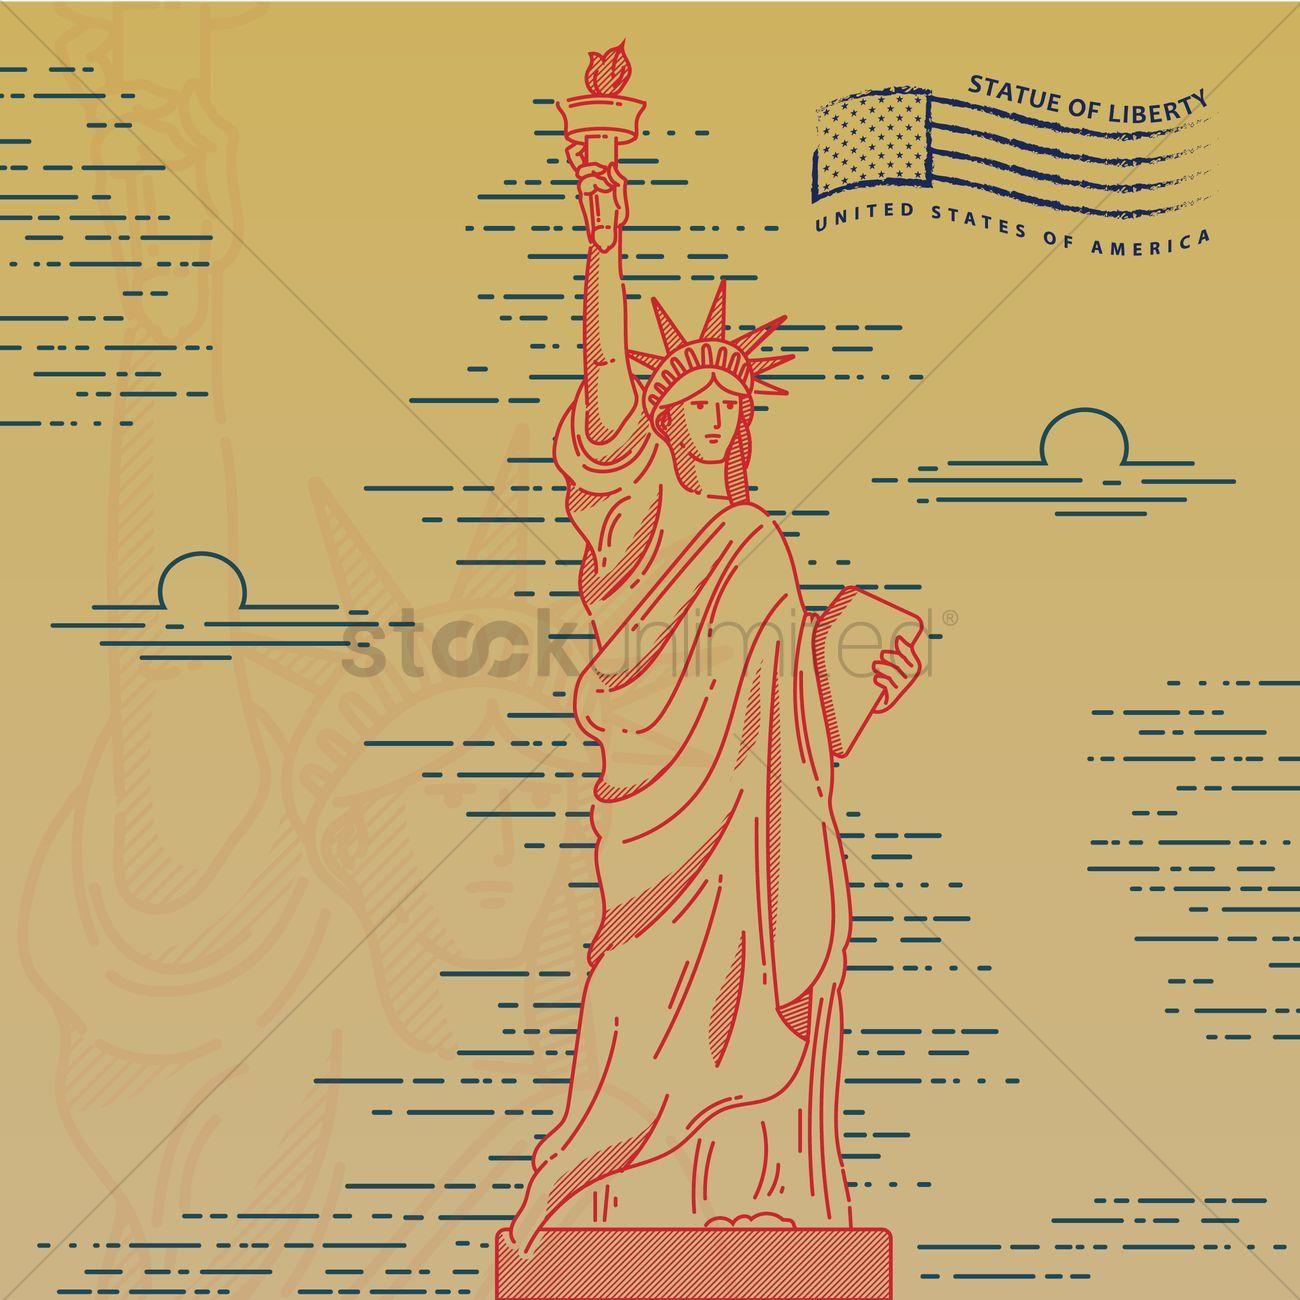 Statue Of Liberty Wallpaper Vectors Stock Clipart Ad